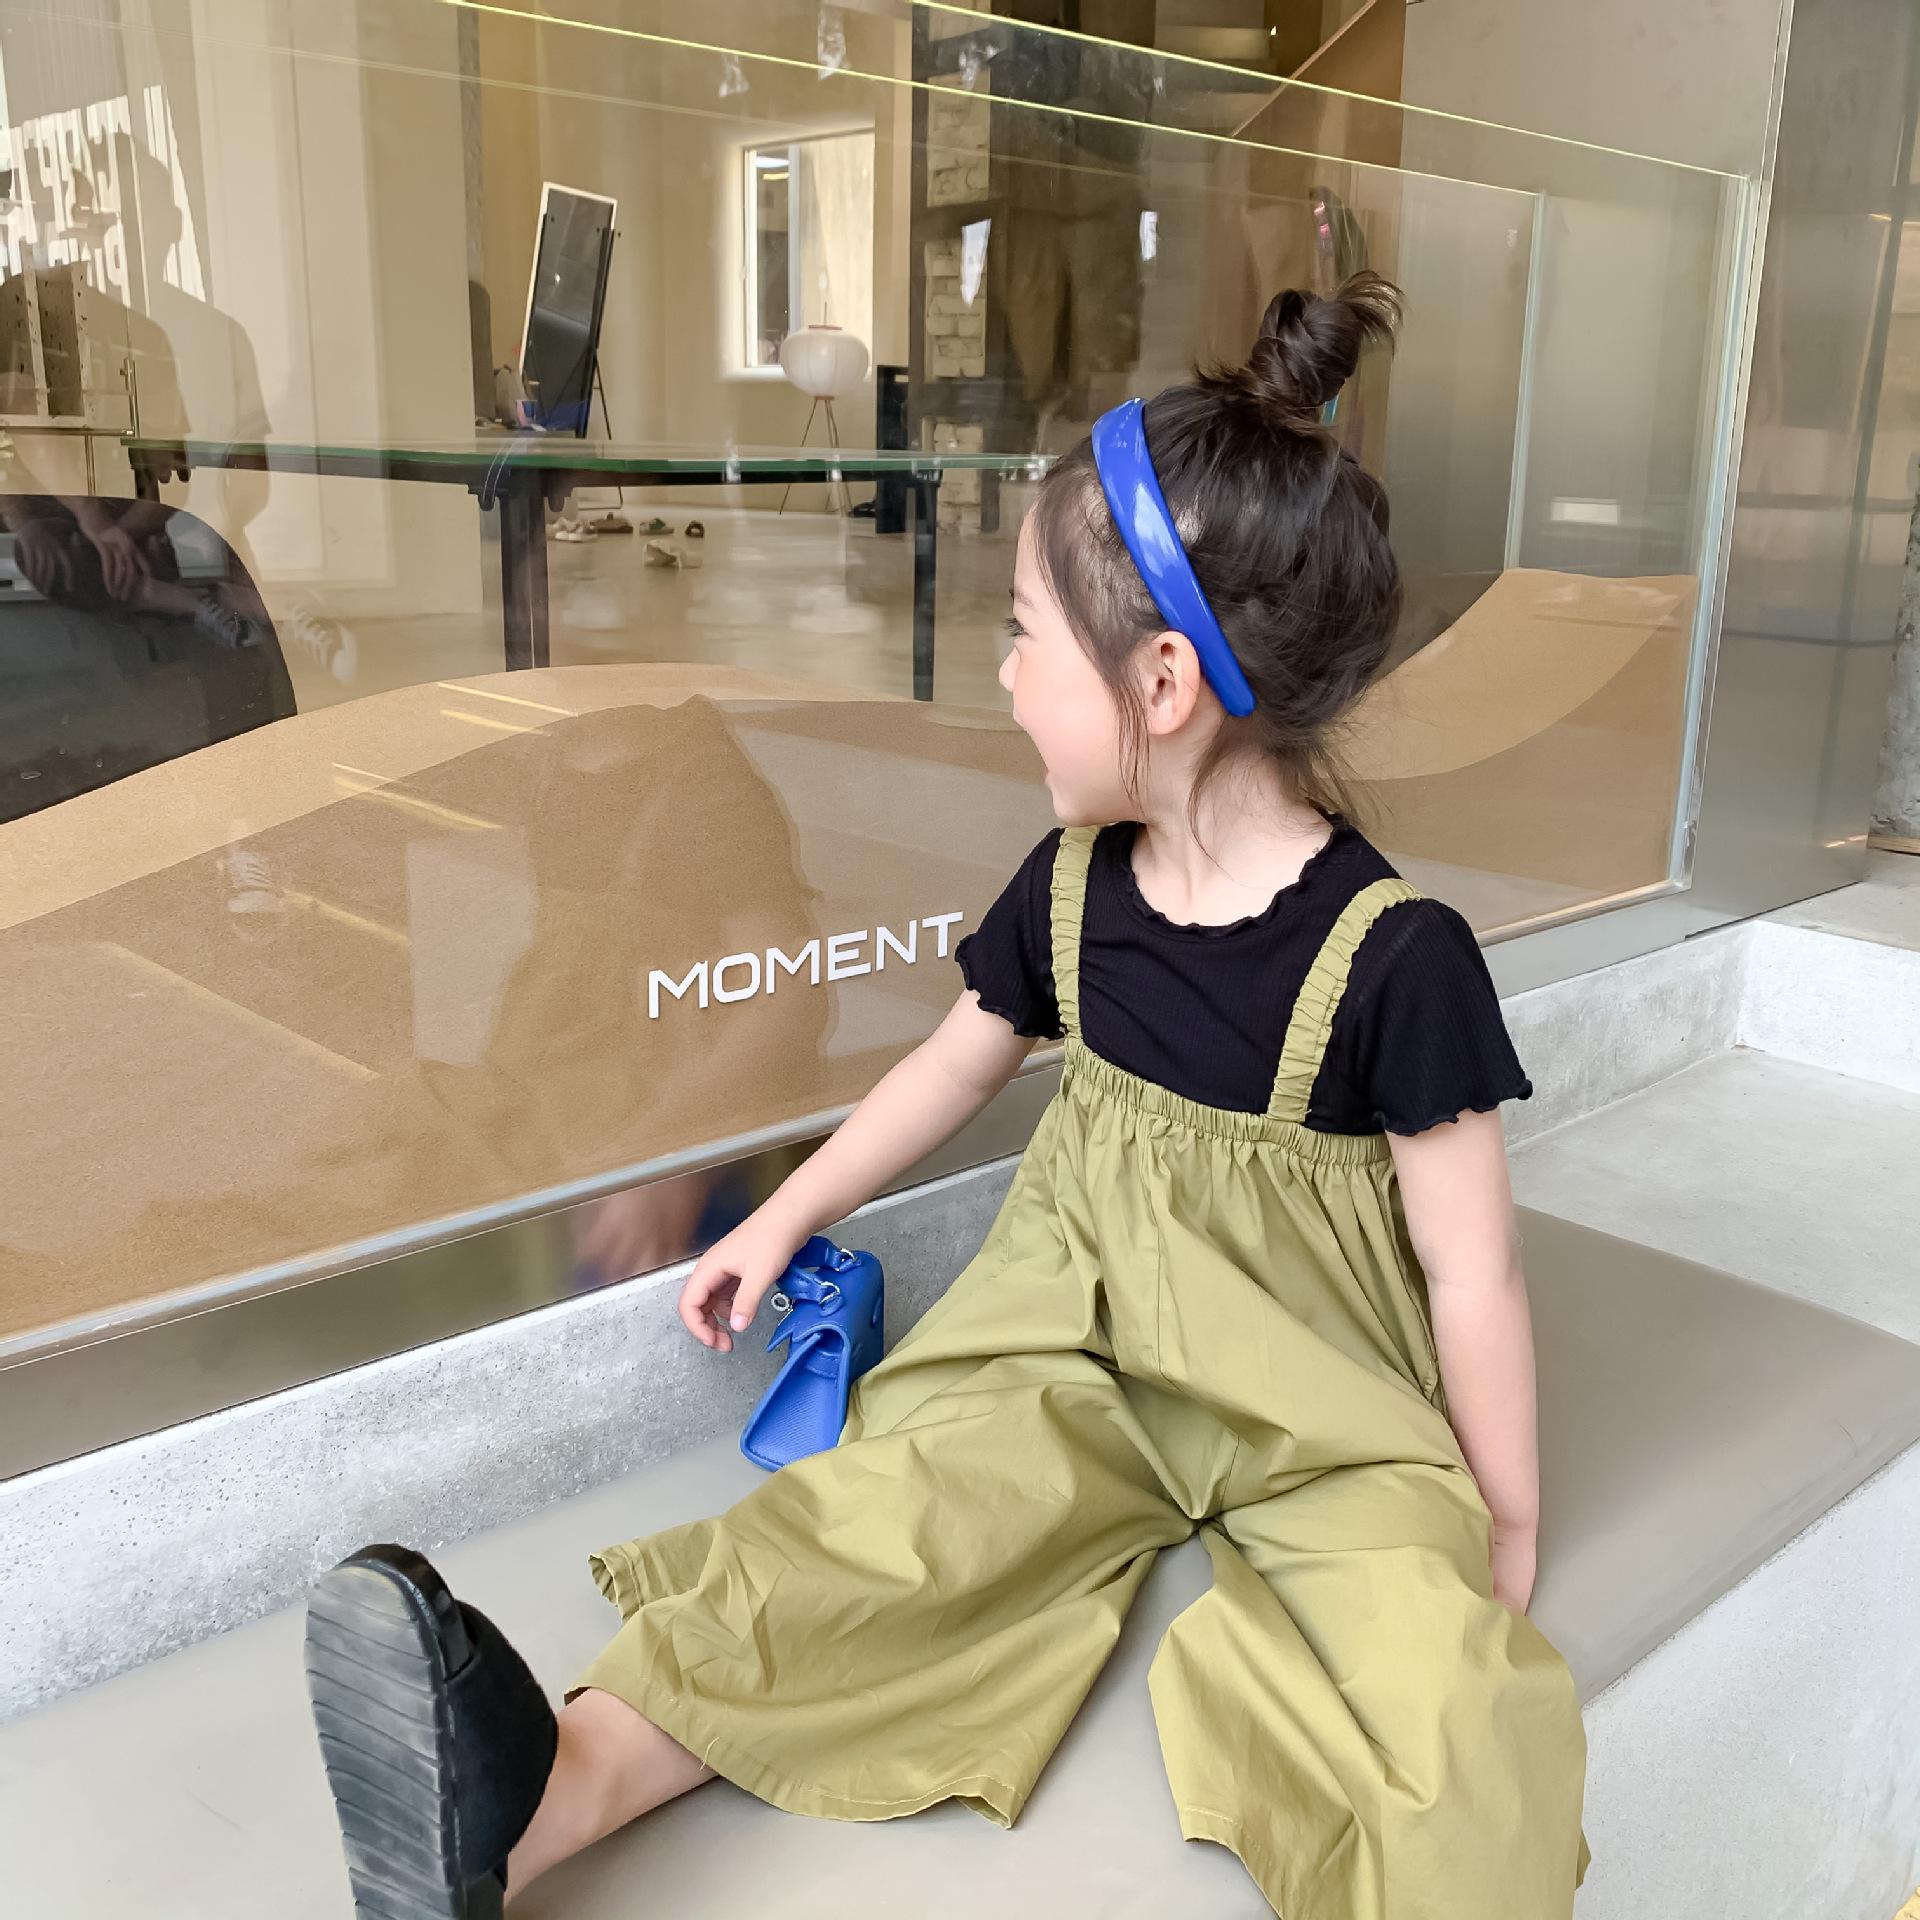 Đồ Yếm Thời Trang Bé Gái - 56T157 - Thời Trang Kids đẹp 1